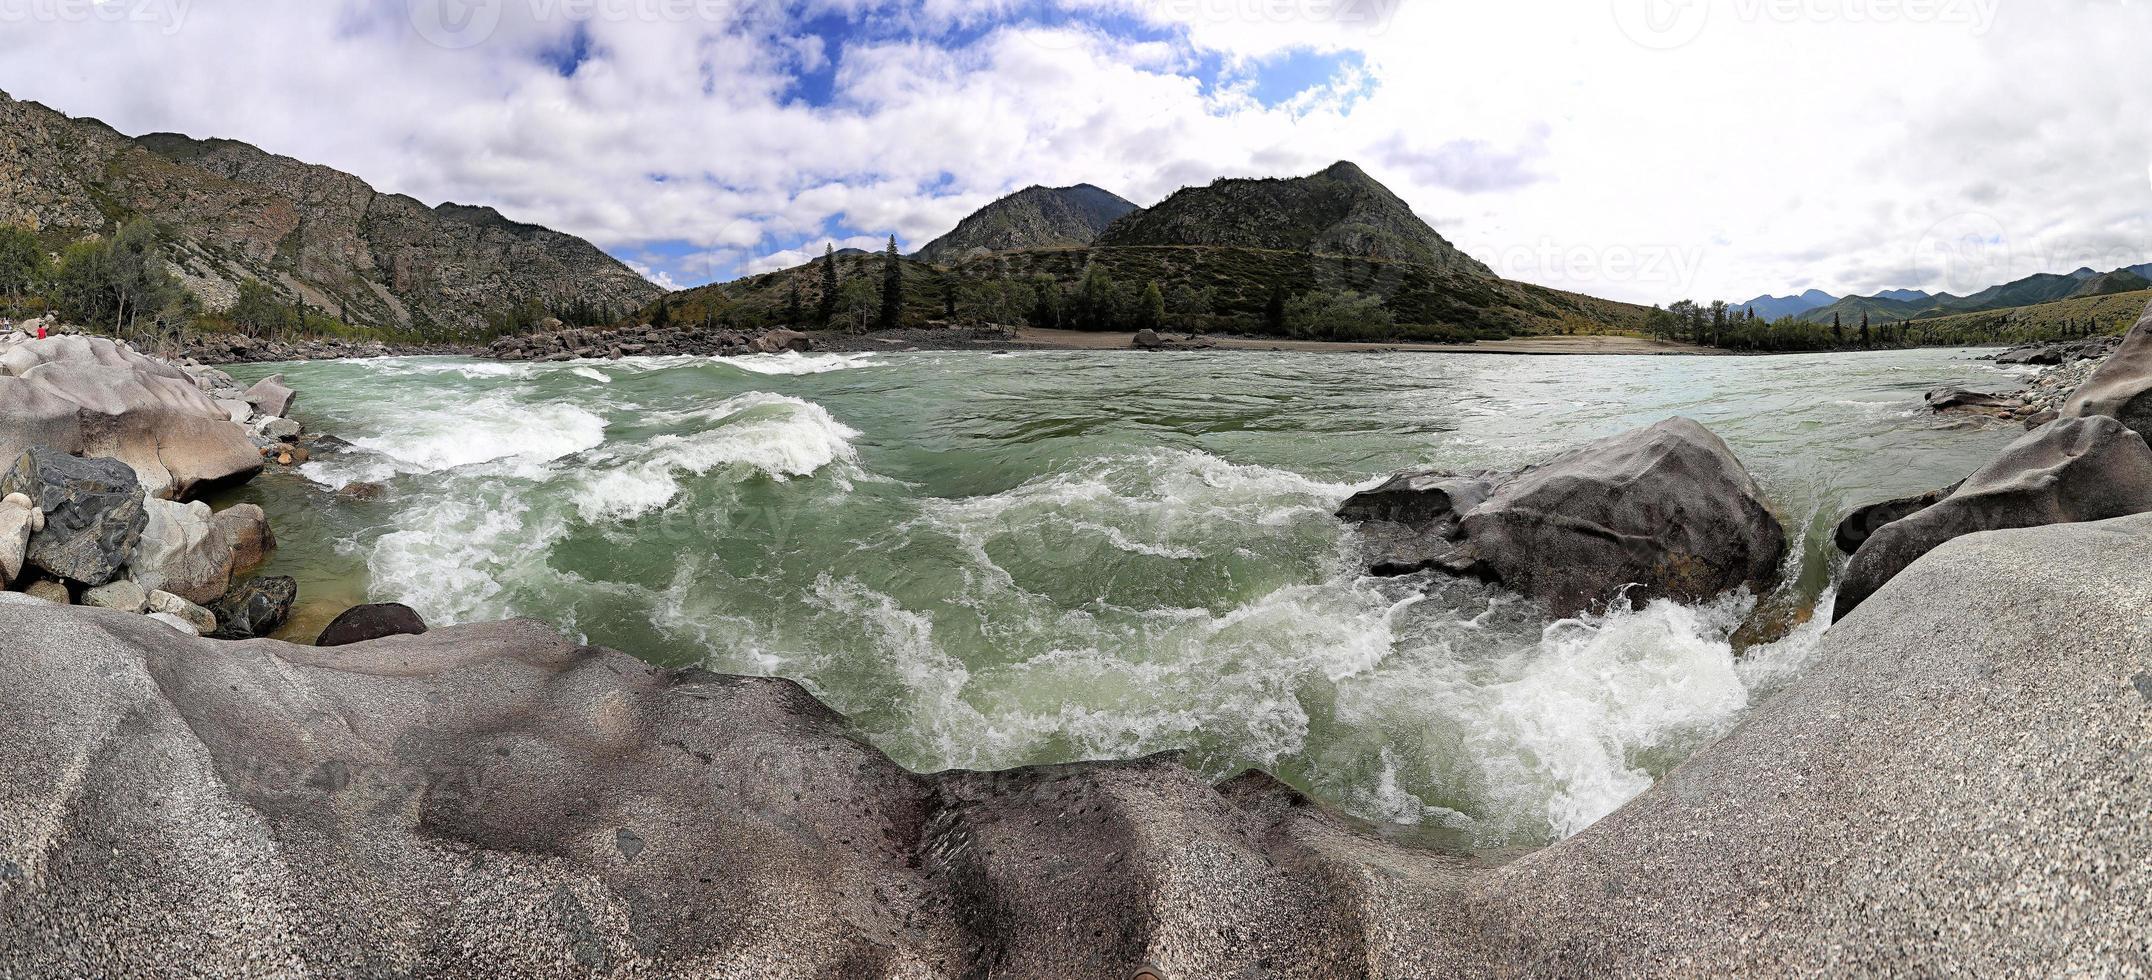 berg och den vackra stranden av en bergflod. foto